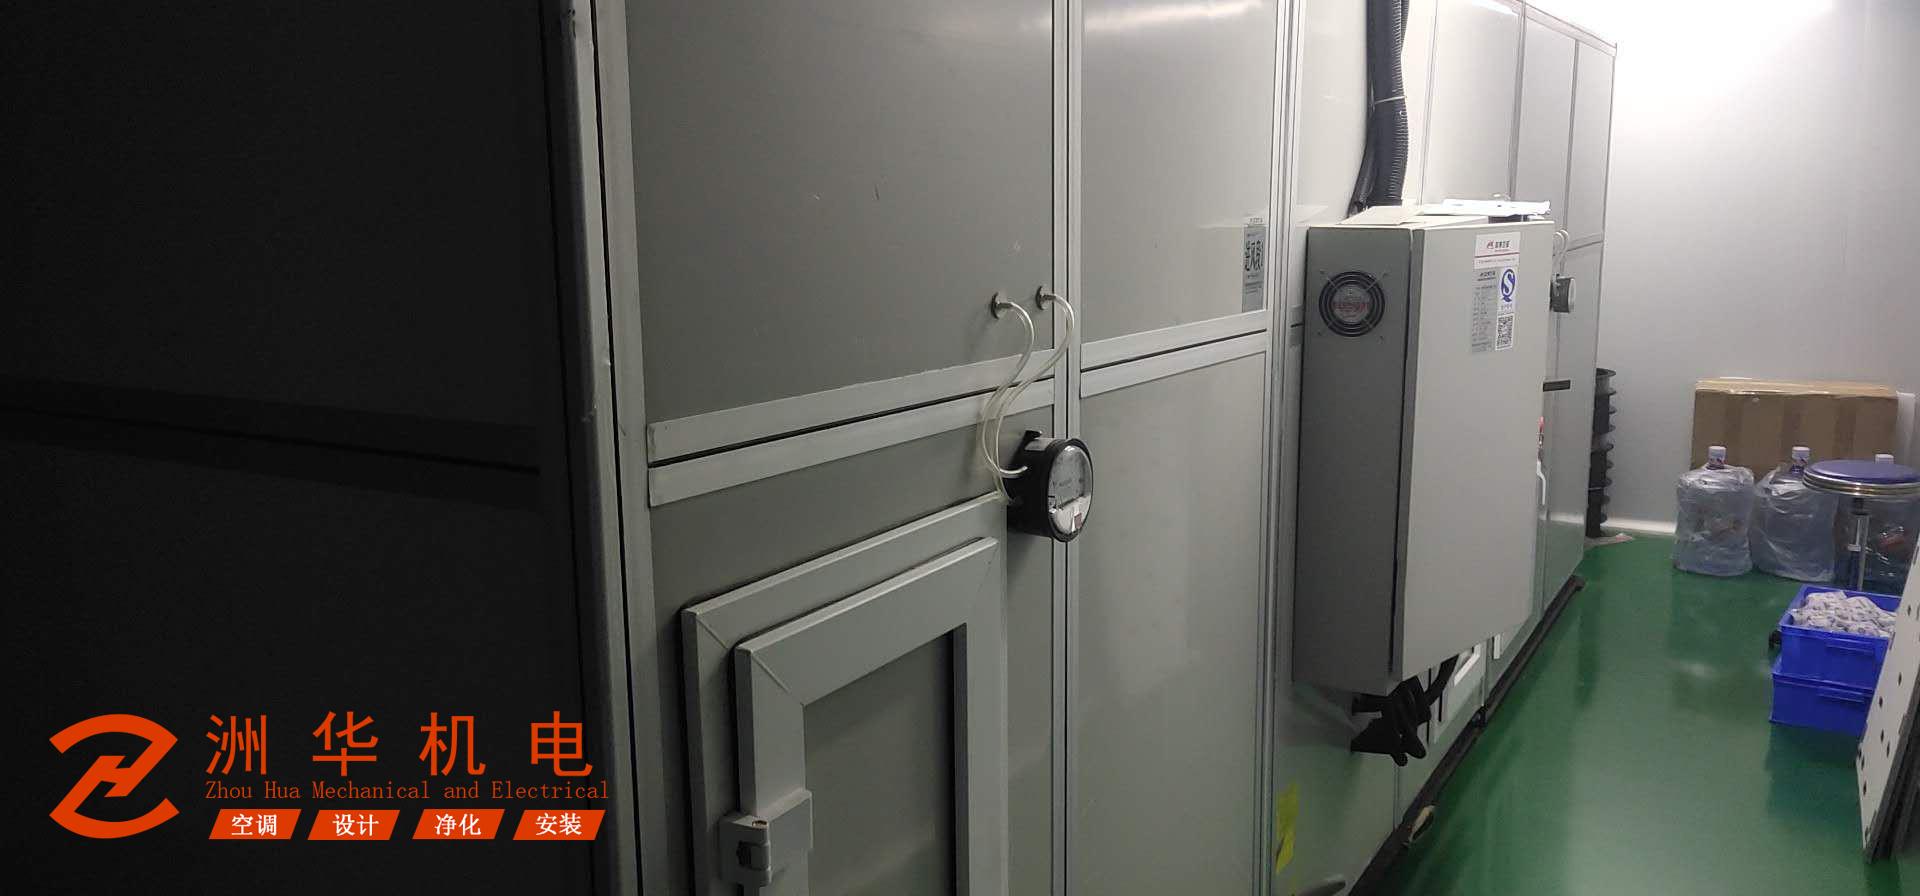 空调维修工程案例-松山湖广东智能机器人研究院